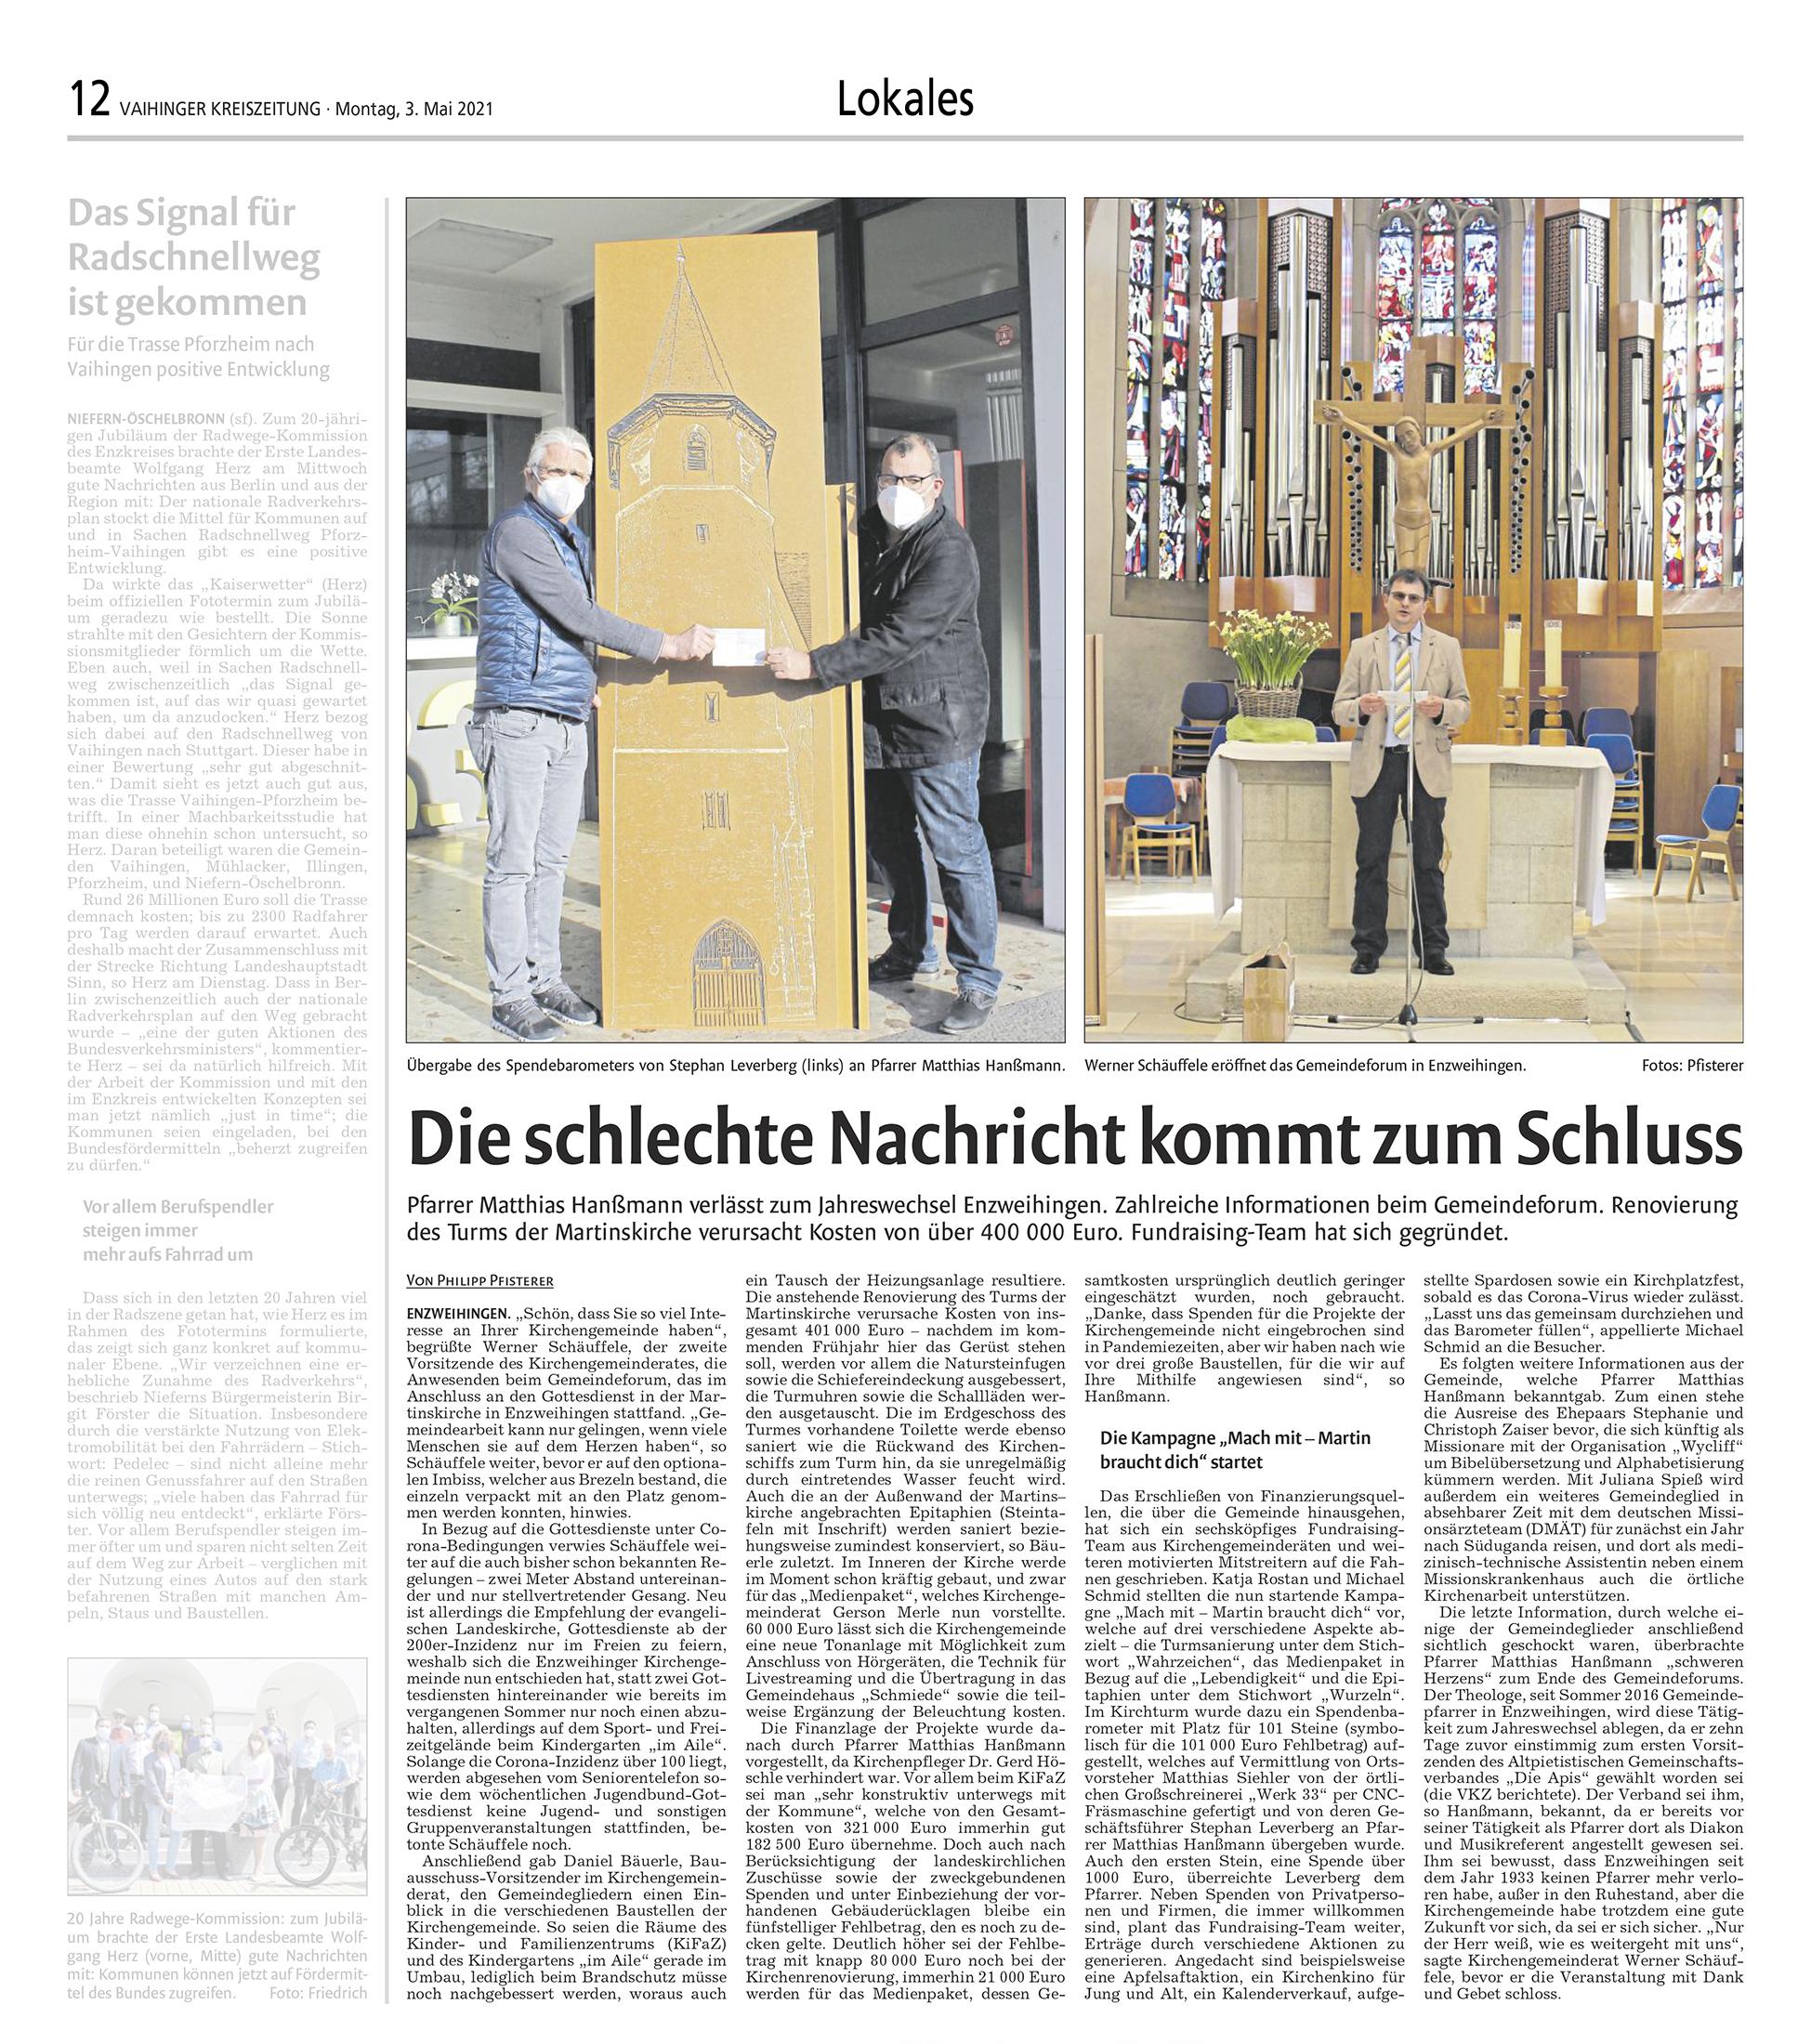 werk33 in der vaihinger kreiszeitung